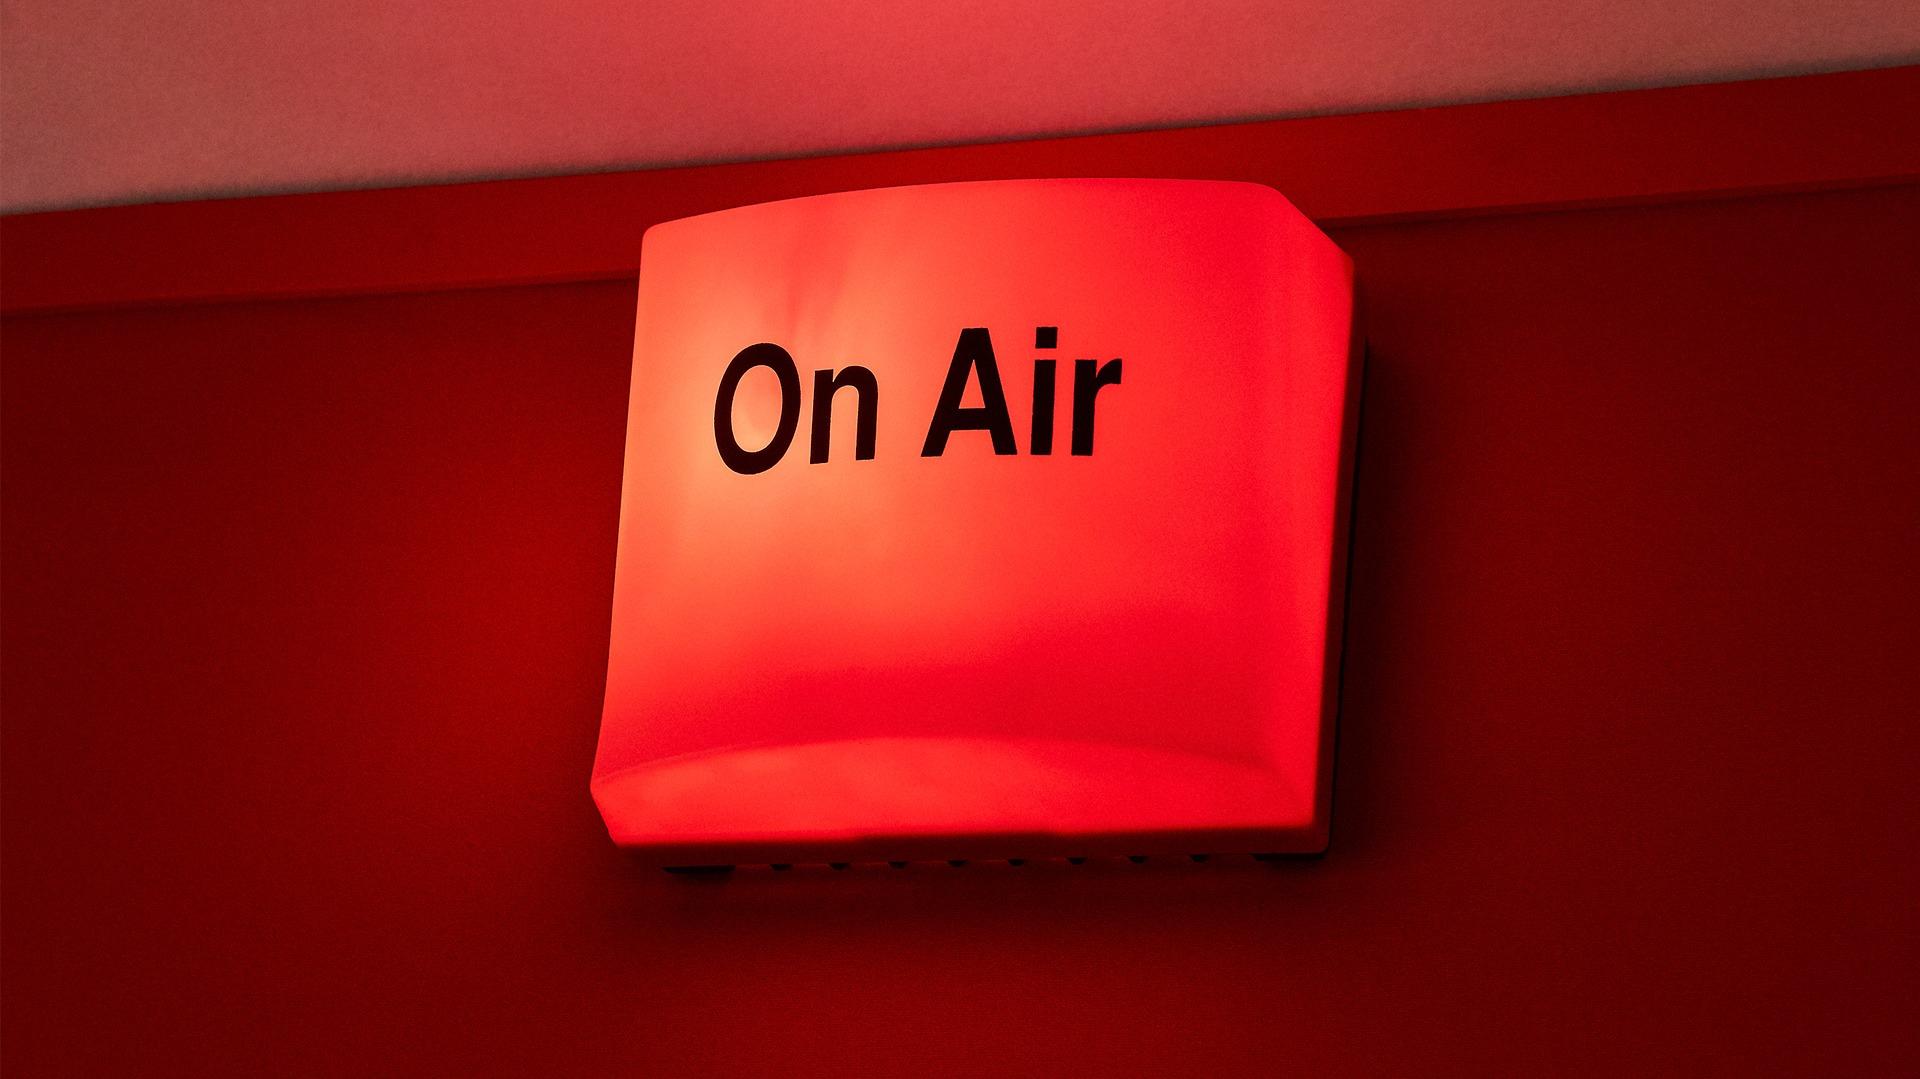 02 on air